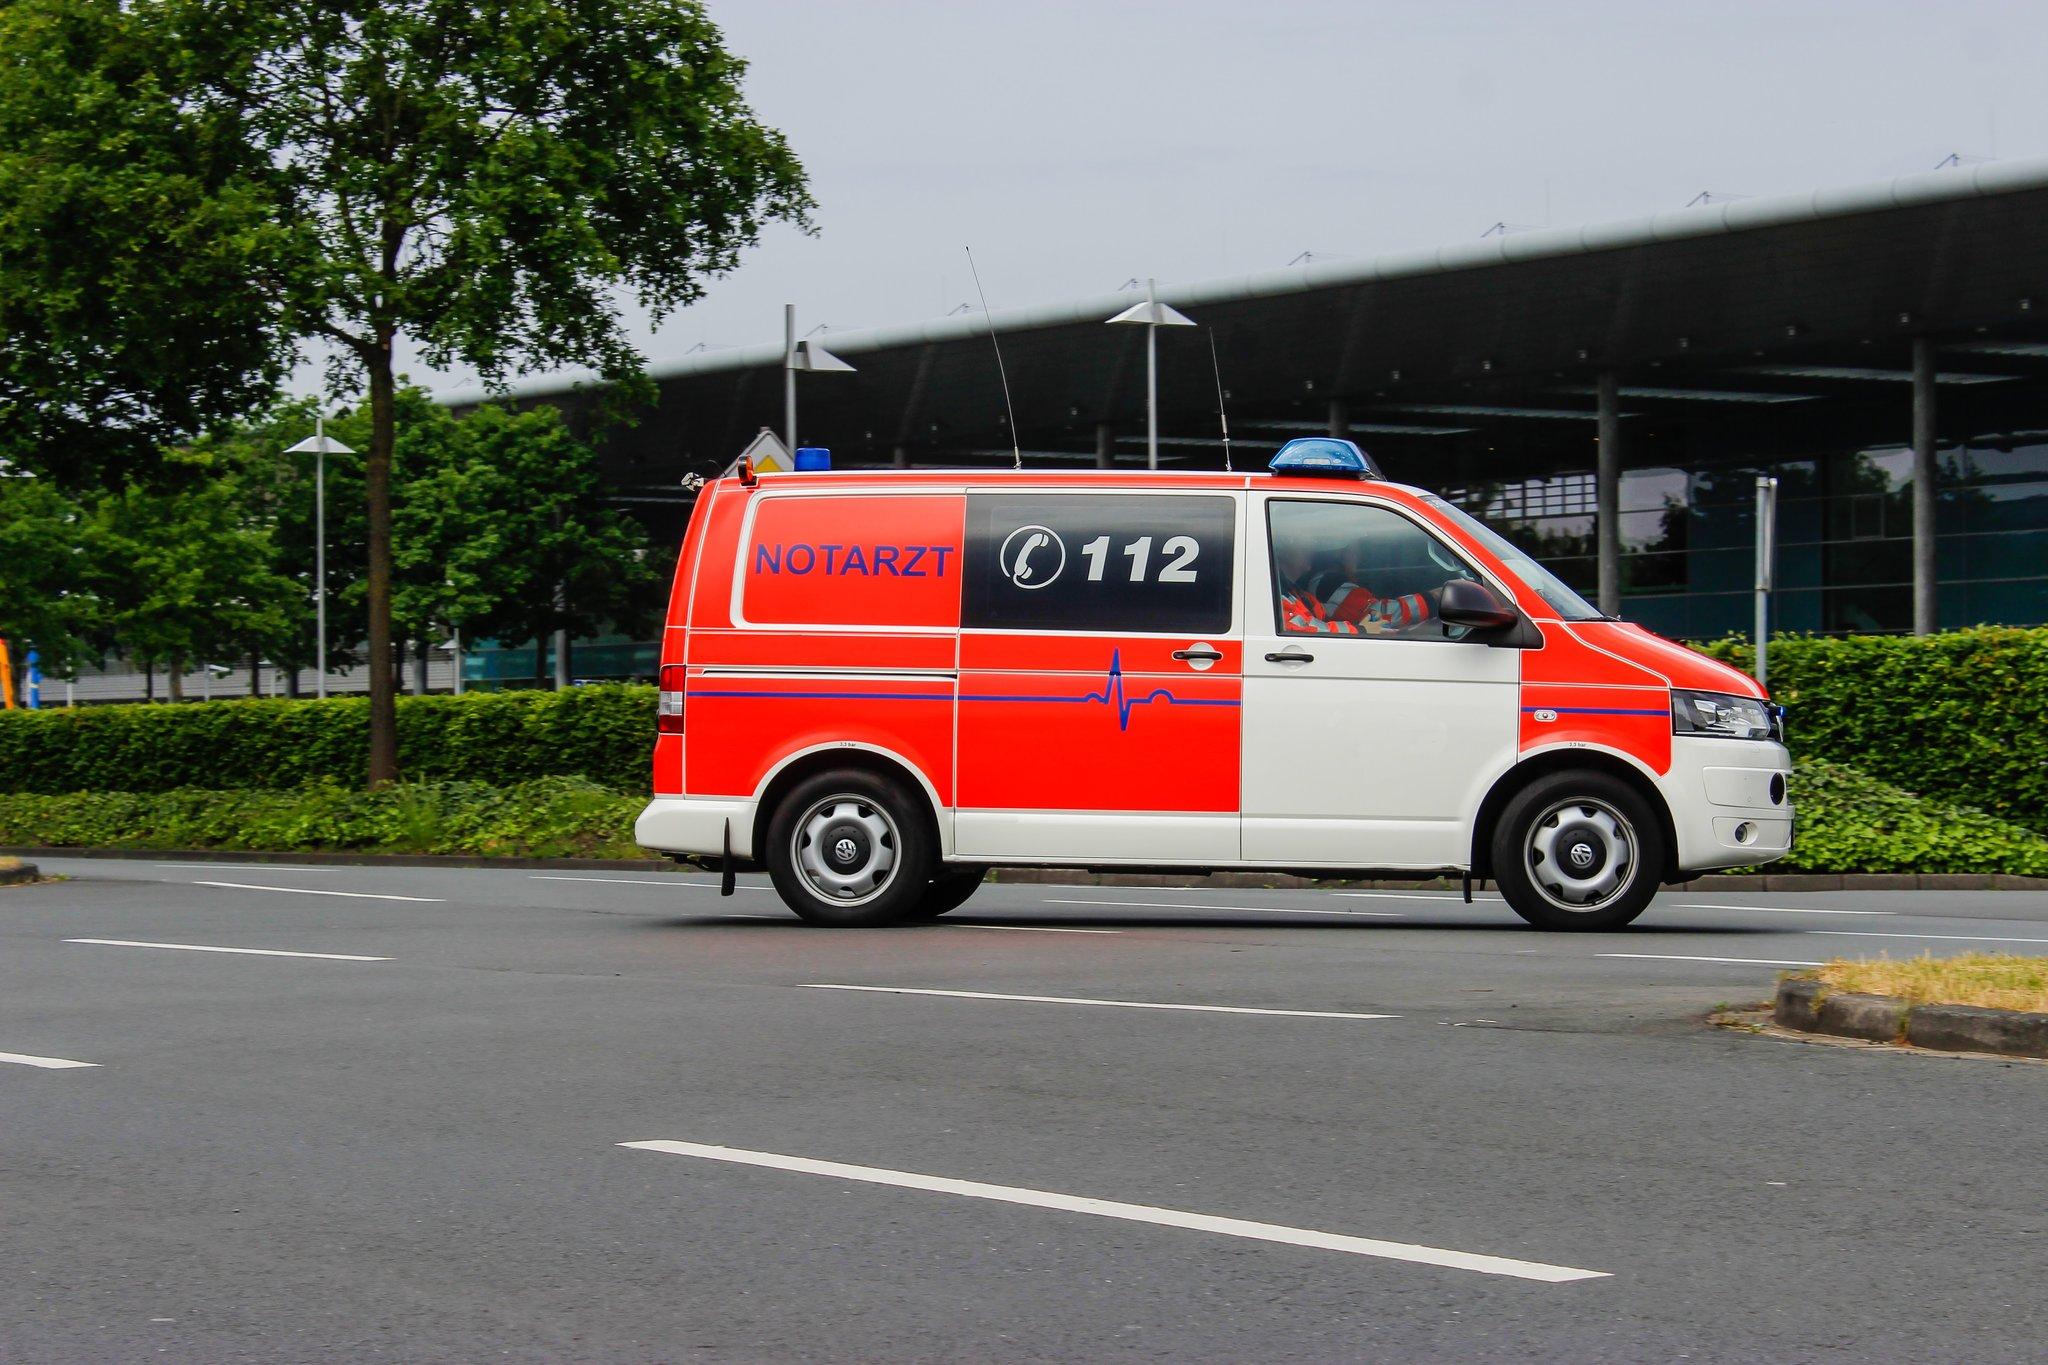 Datteln: 70-Jähriger Autofahrer bei Unfall leicht verletzt - Datteln - Lokalkompass.de